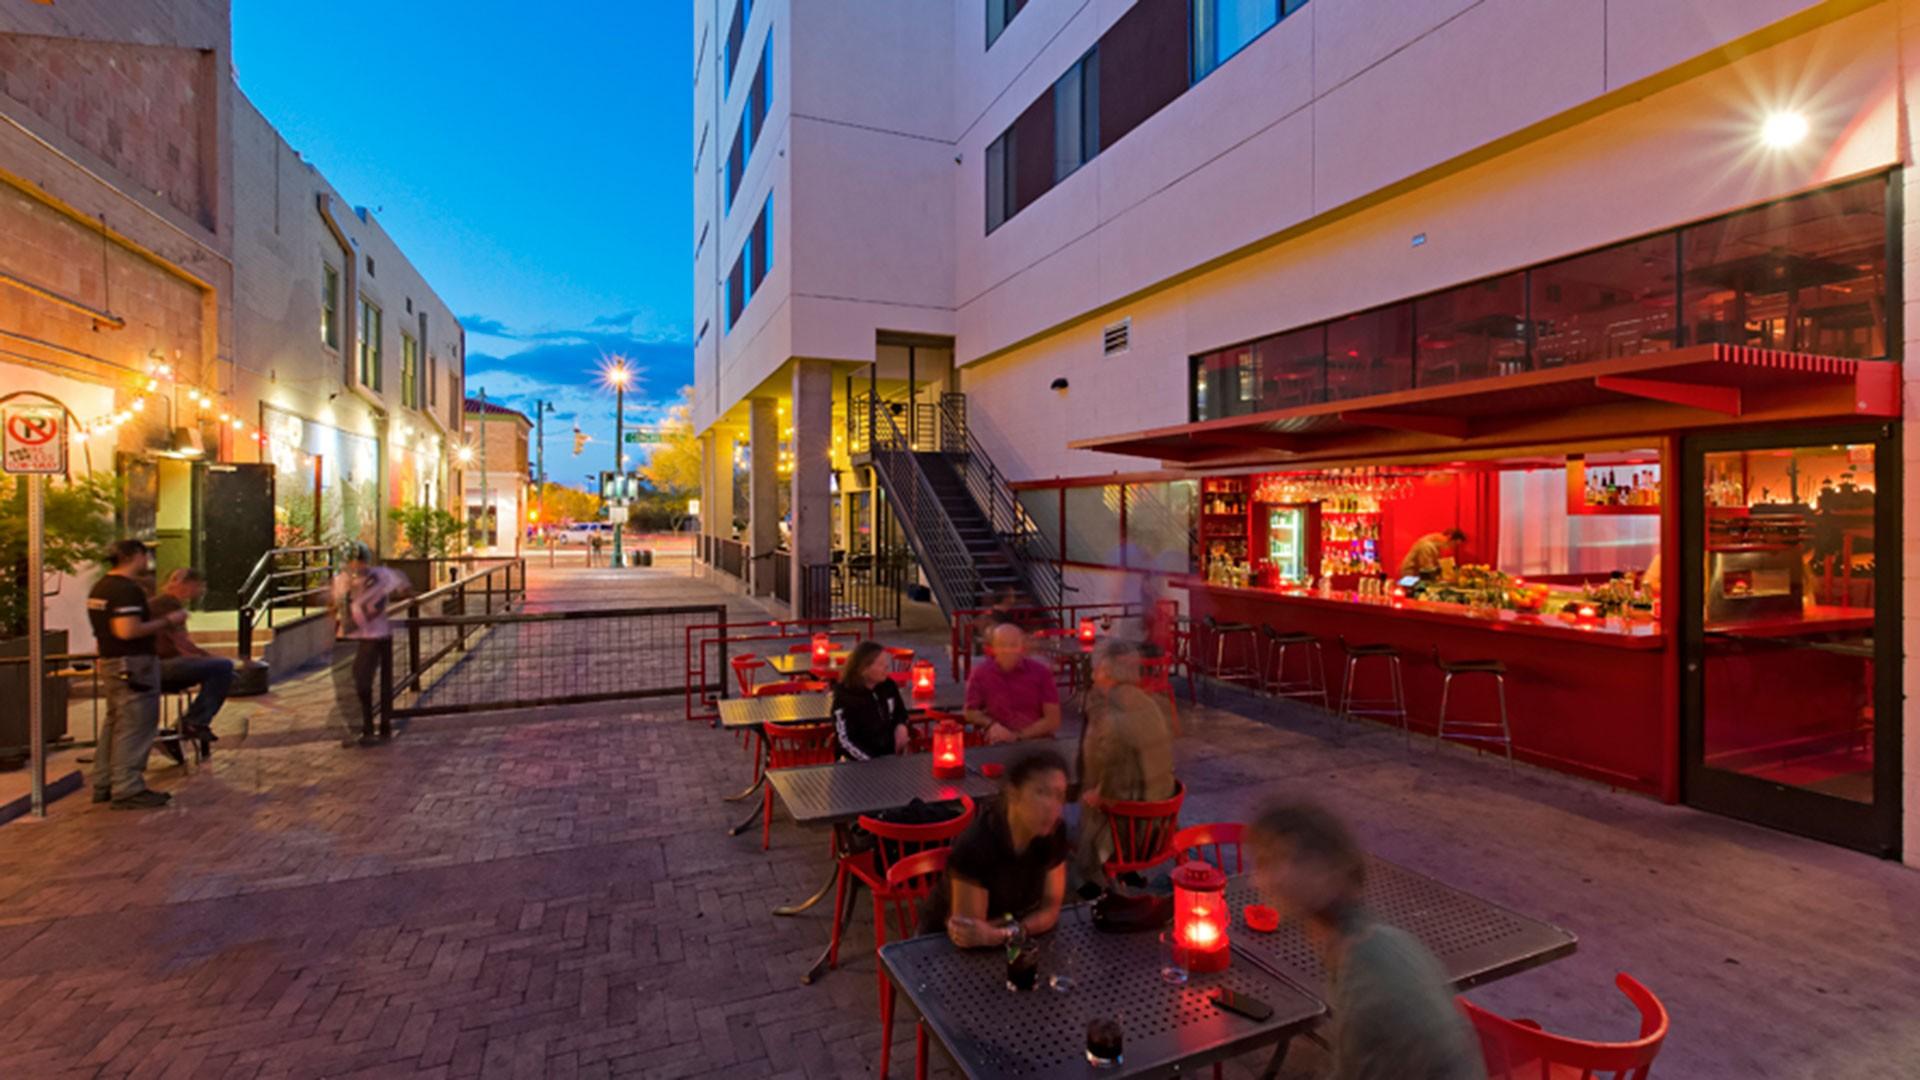 R Bar Tucson Arizona Ais Industries Inc